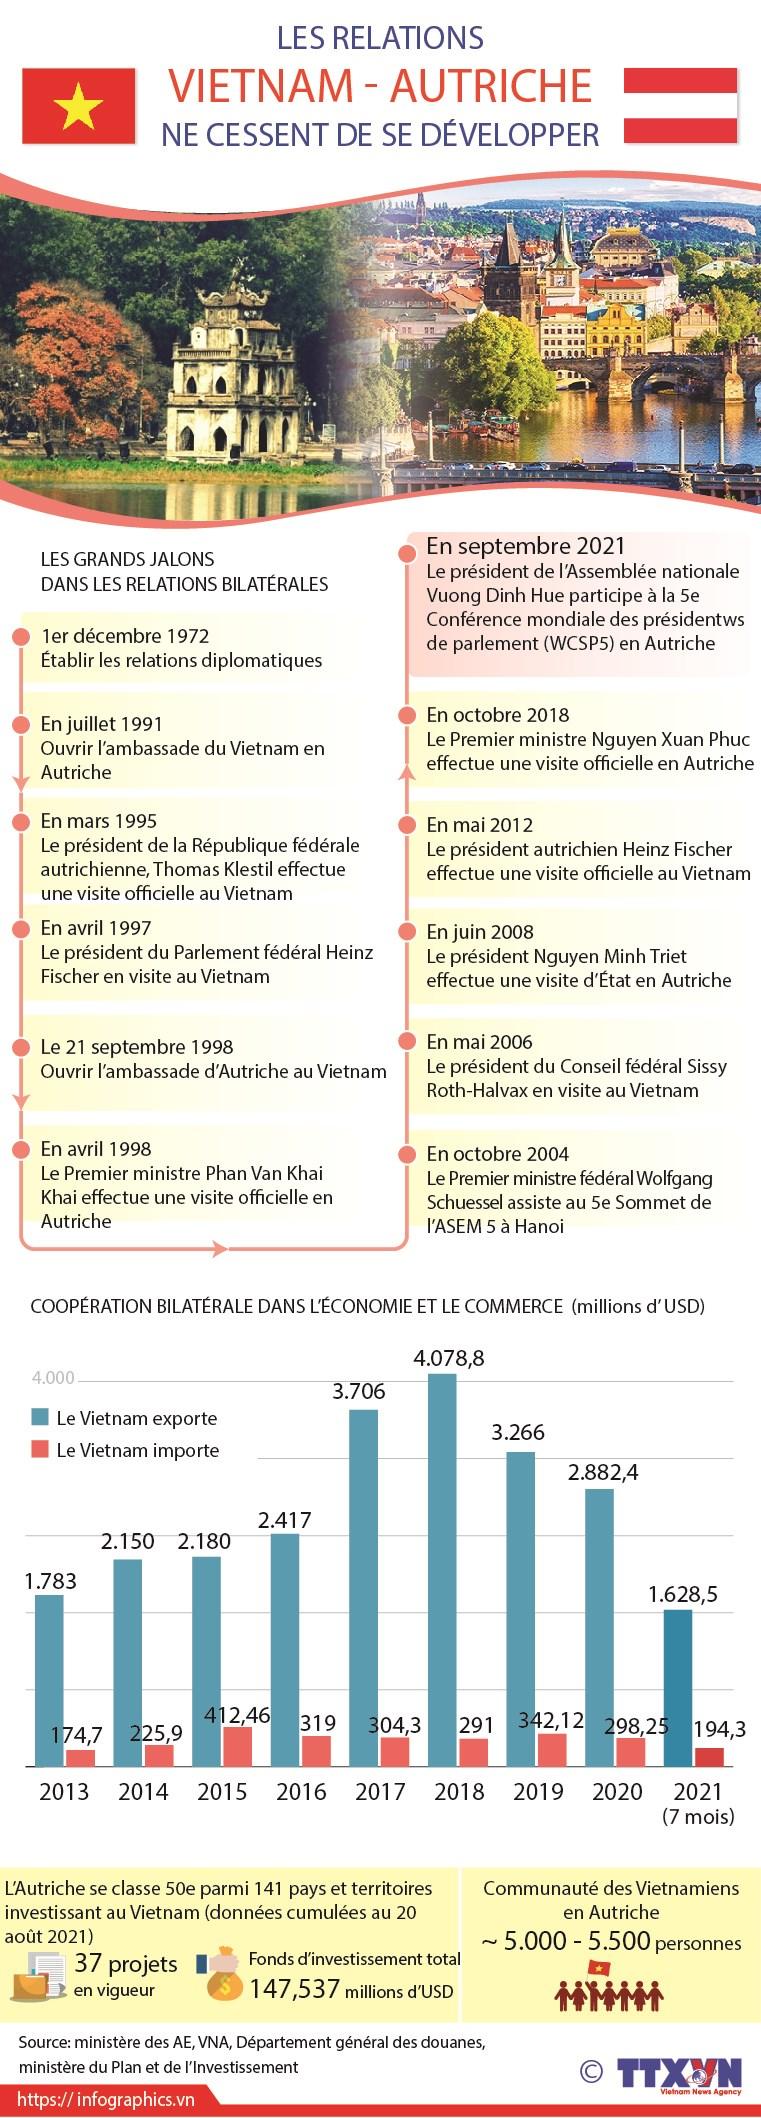 Les relations Vietnam-Autriche ne cessent de se developper hinh anh 1